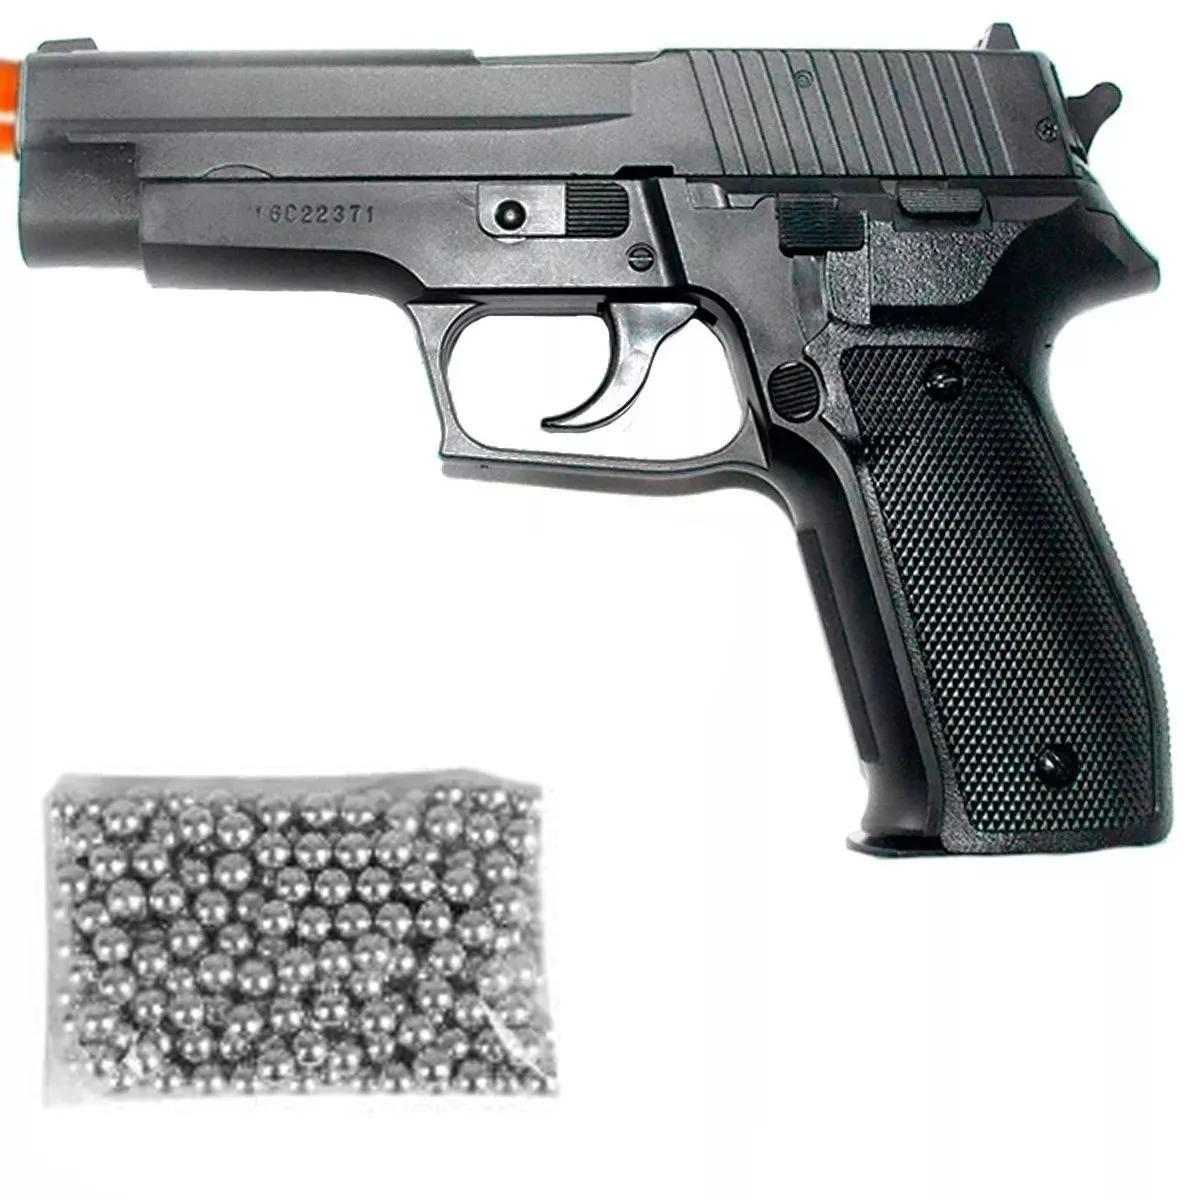 2e6bd218037 Pistola Pressão Sig Sauer P226 4